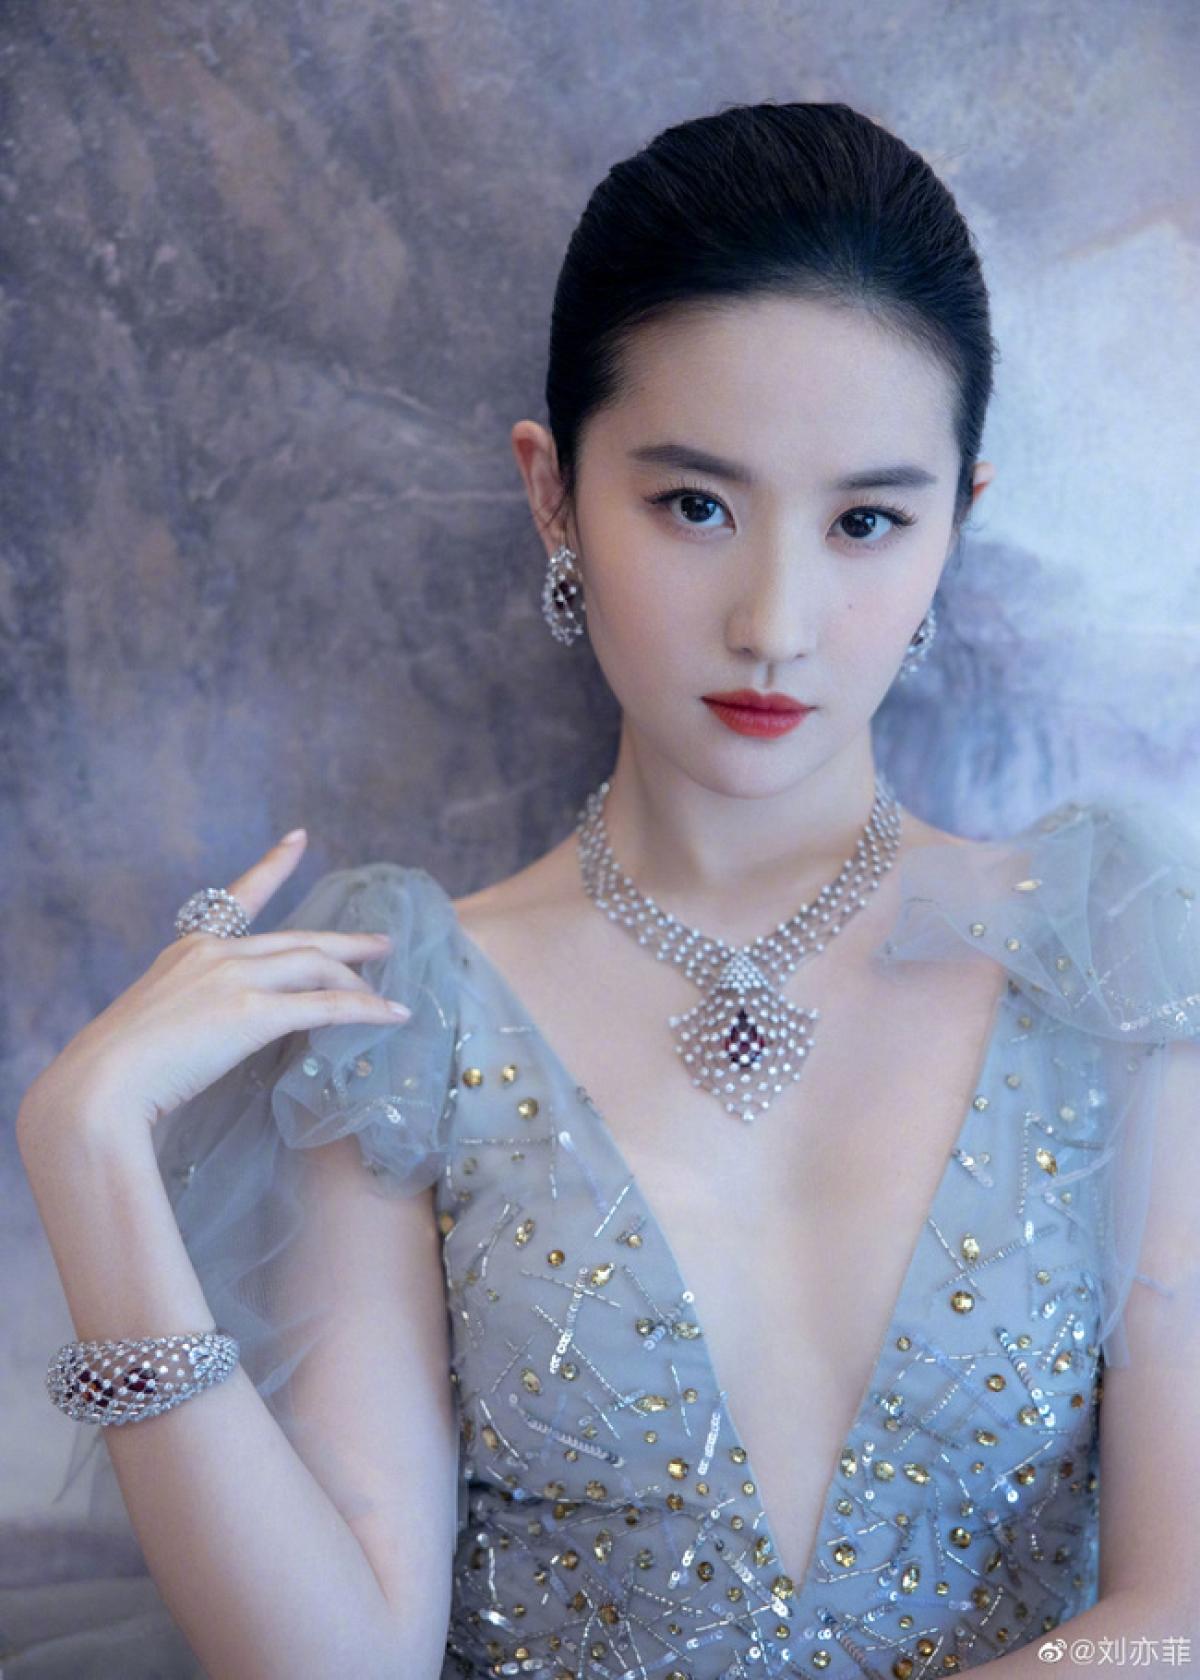 Dương Mịch, Lệ Dĩnh và 20 đại mỹ nhân Cbiz gia nhập đường đua 'nữ hoàng trang sức', ai kinh diễm nhất? 6